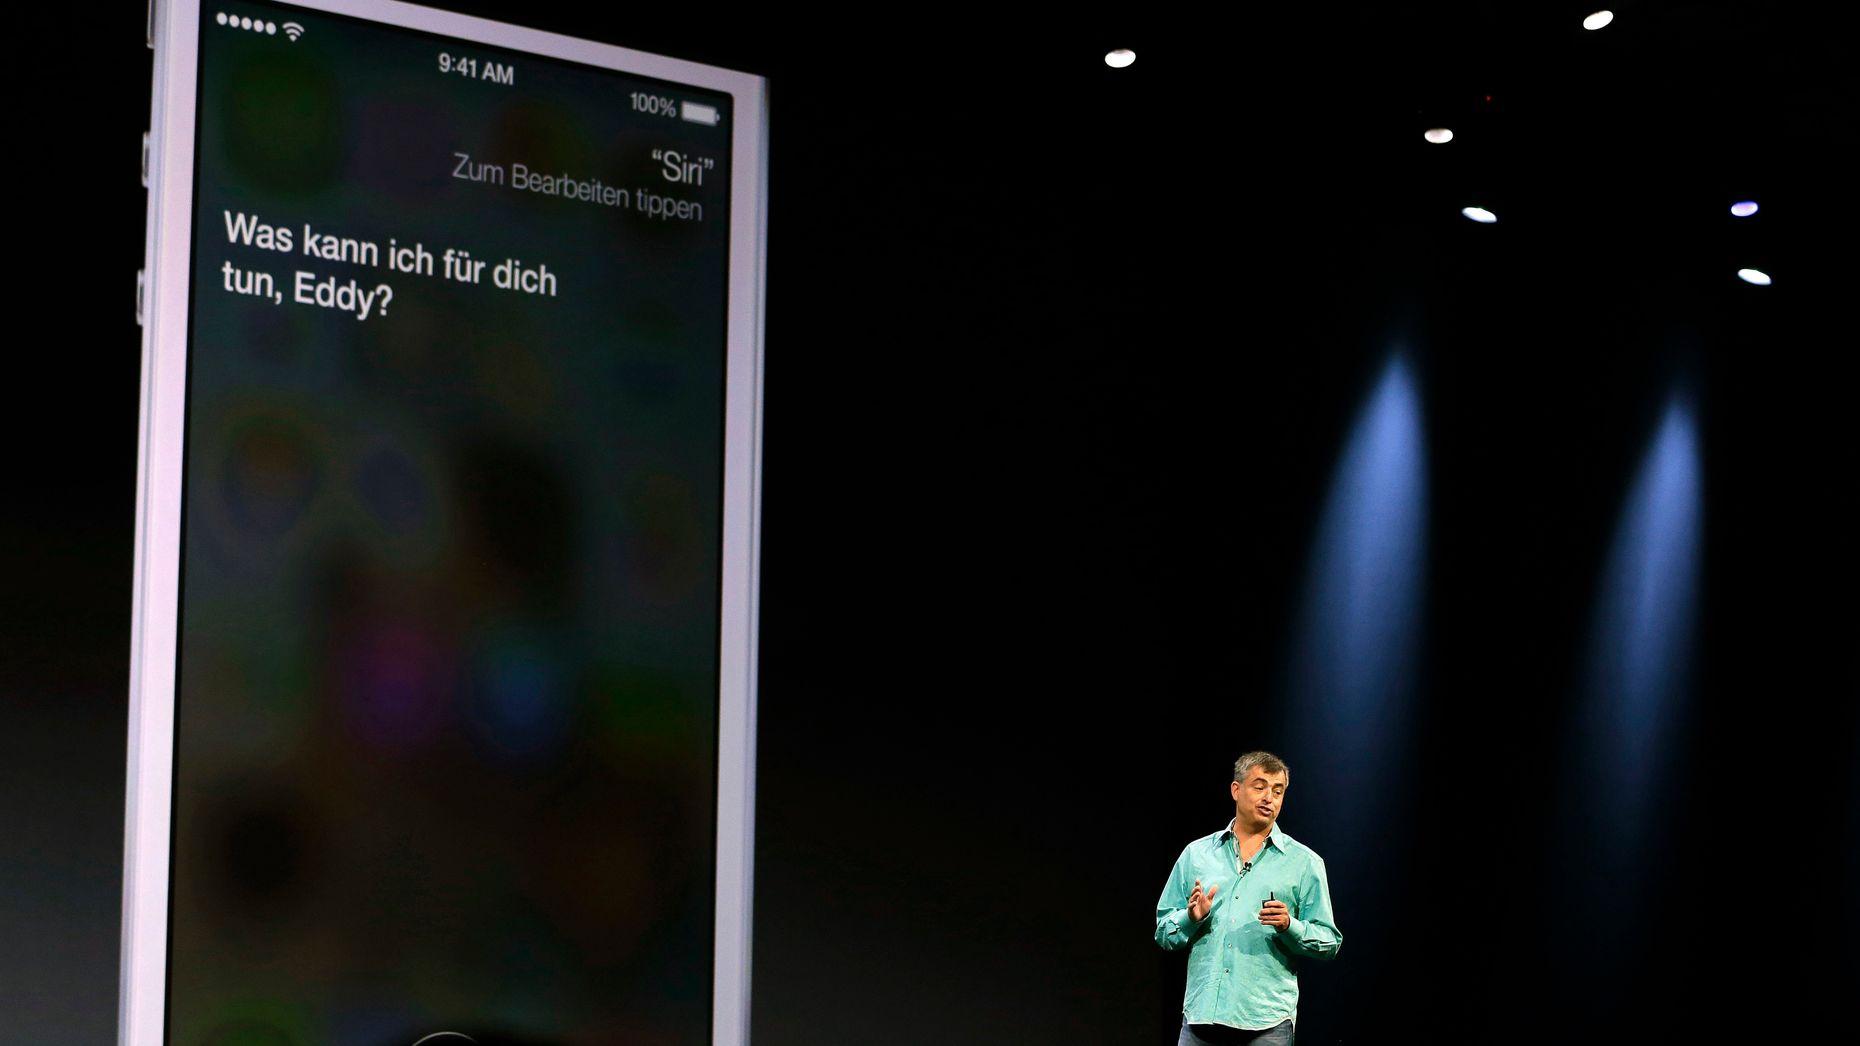 Eddy Cue showing off Siri in 2013. Photo by AP.